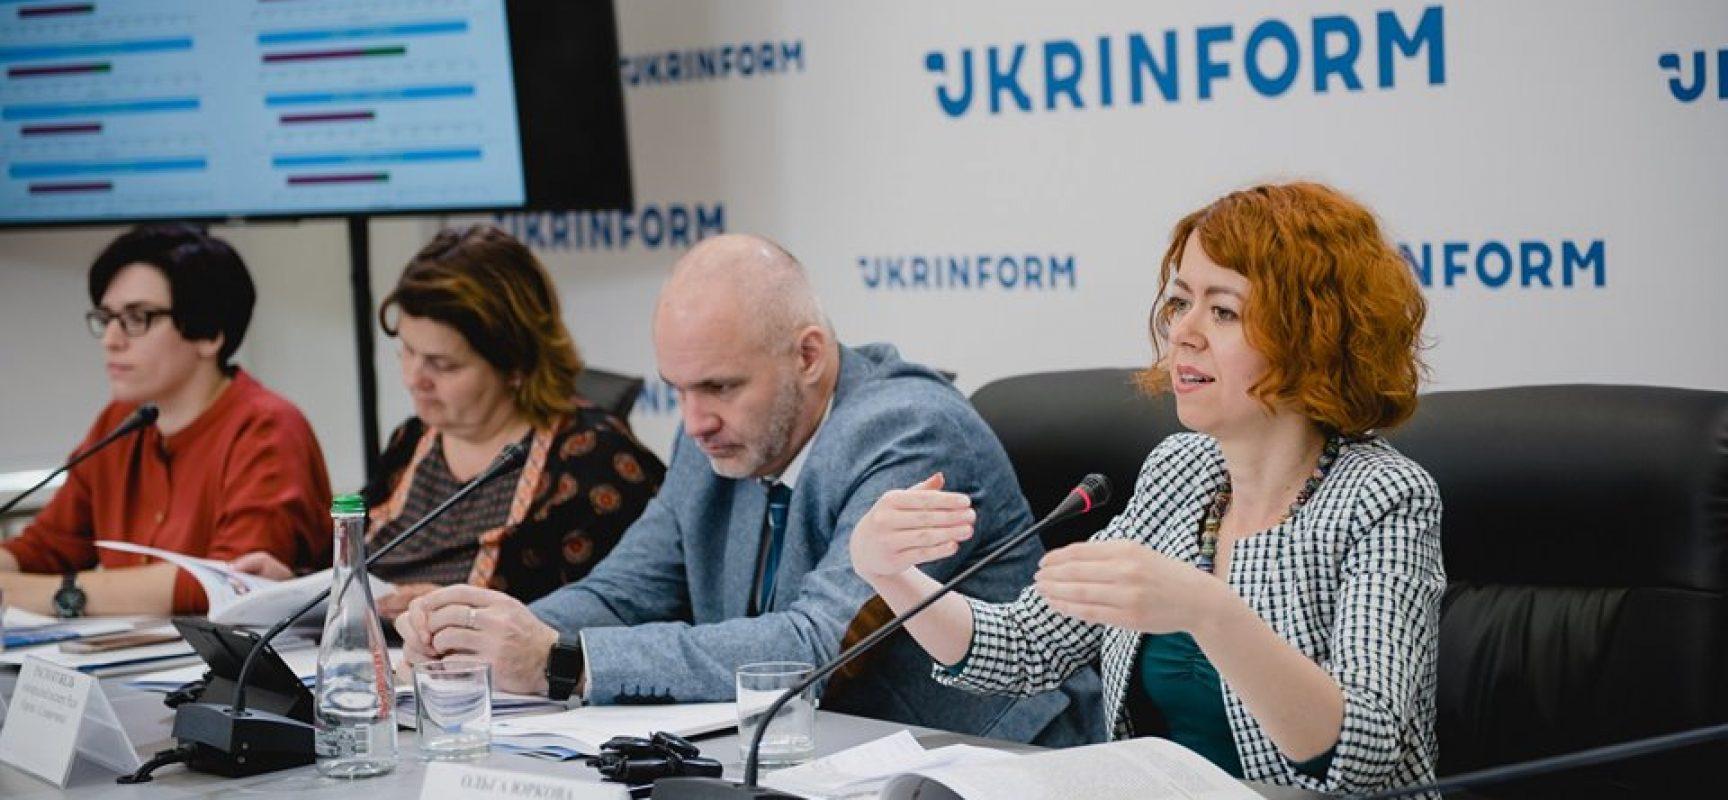 Periodistas carecen de conocimientos sobre redes sociales y propaganda, según los resultados del monitoreo de la campaña electoral presidencial de Ucrania